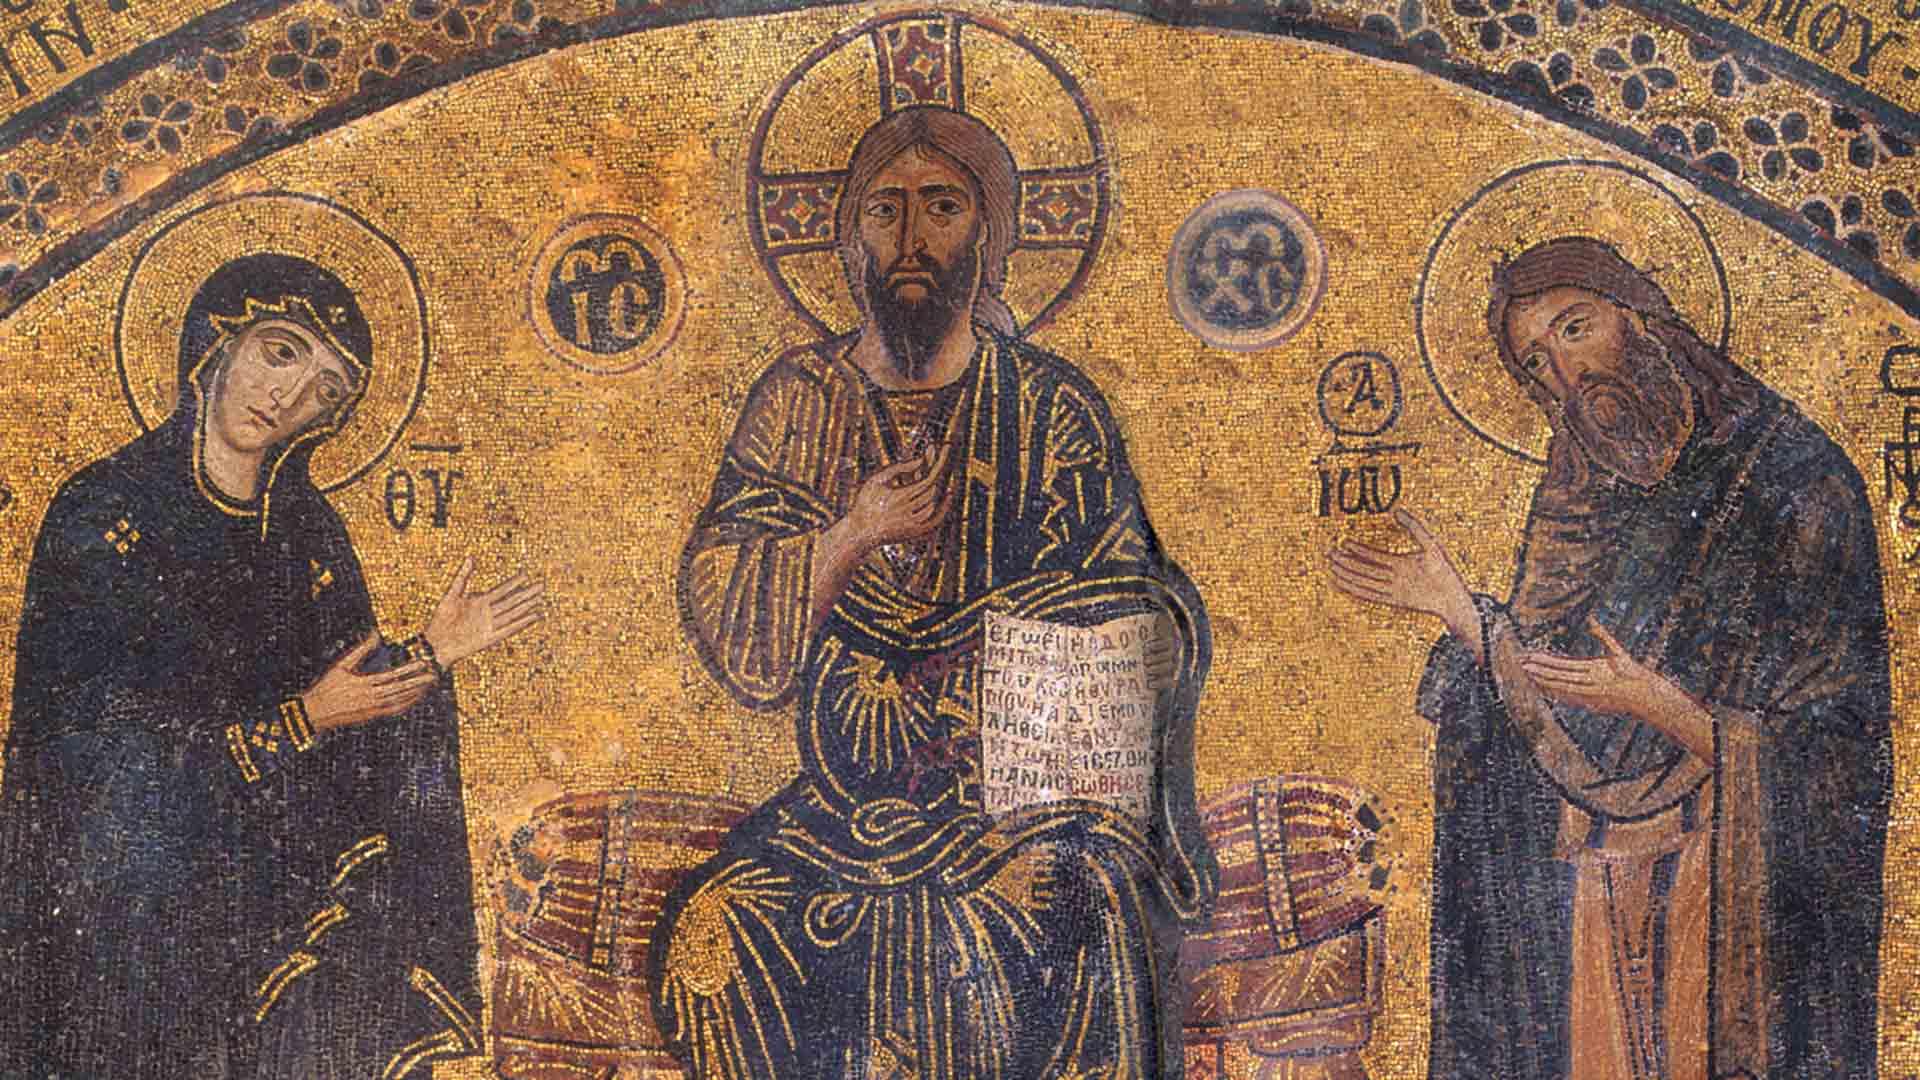 Πεντηκοστάρια Τριωδίου - Λατρευτική Ζωή - Λειτουργικά Κείμενα - Θεολογία - Απαρχή